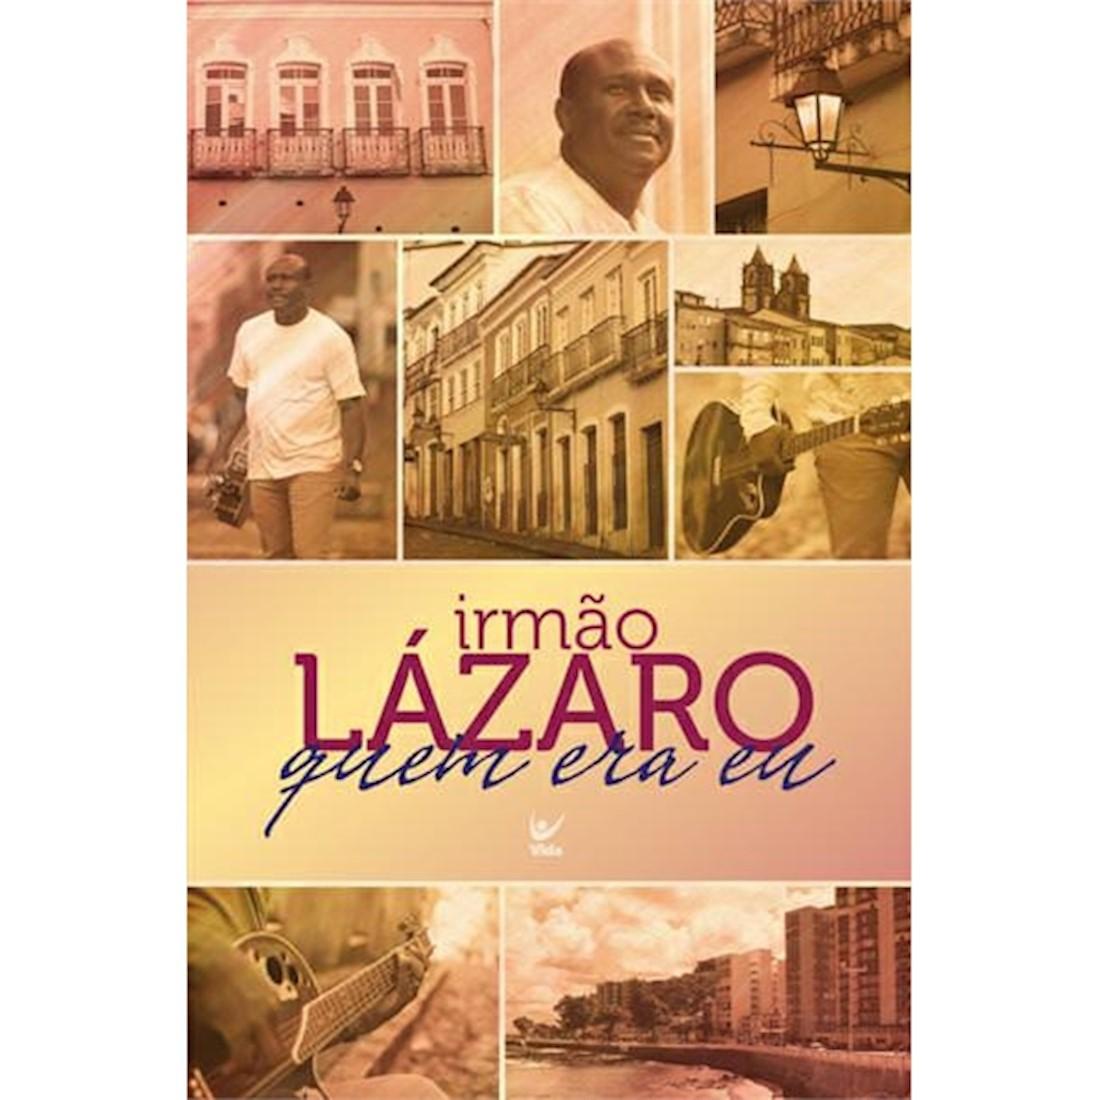 Livro Quem Era Eu - Irmão Lázaro